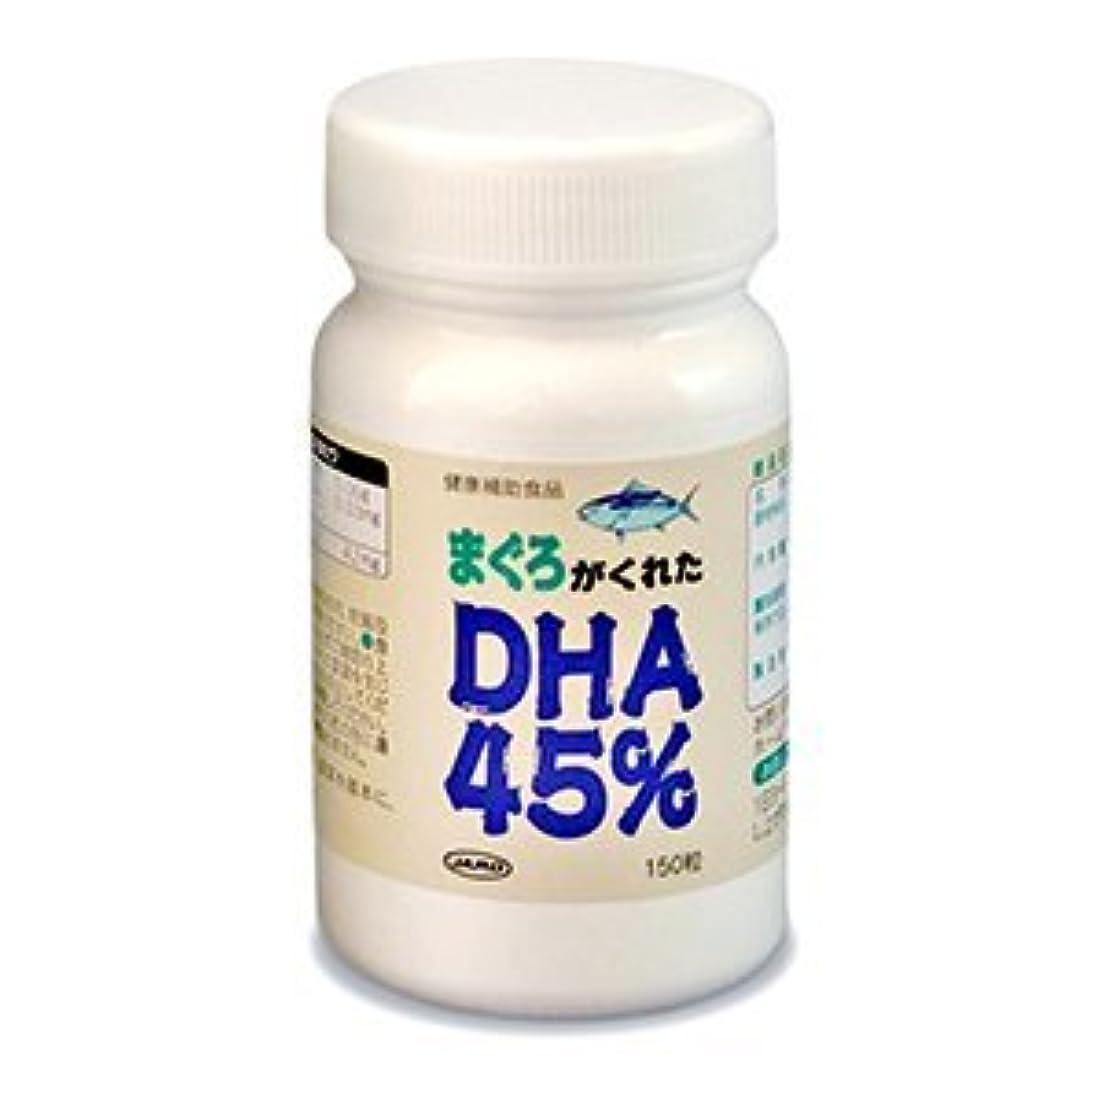 気楽な杭マウンドまぐろがくれたDHA45% 150粒(約1ヶ月分)